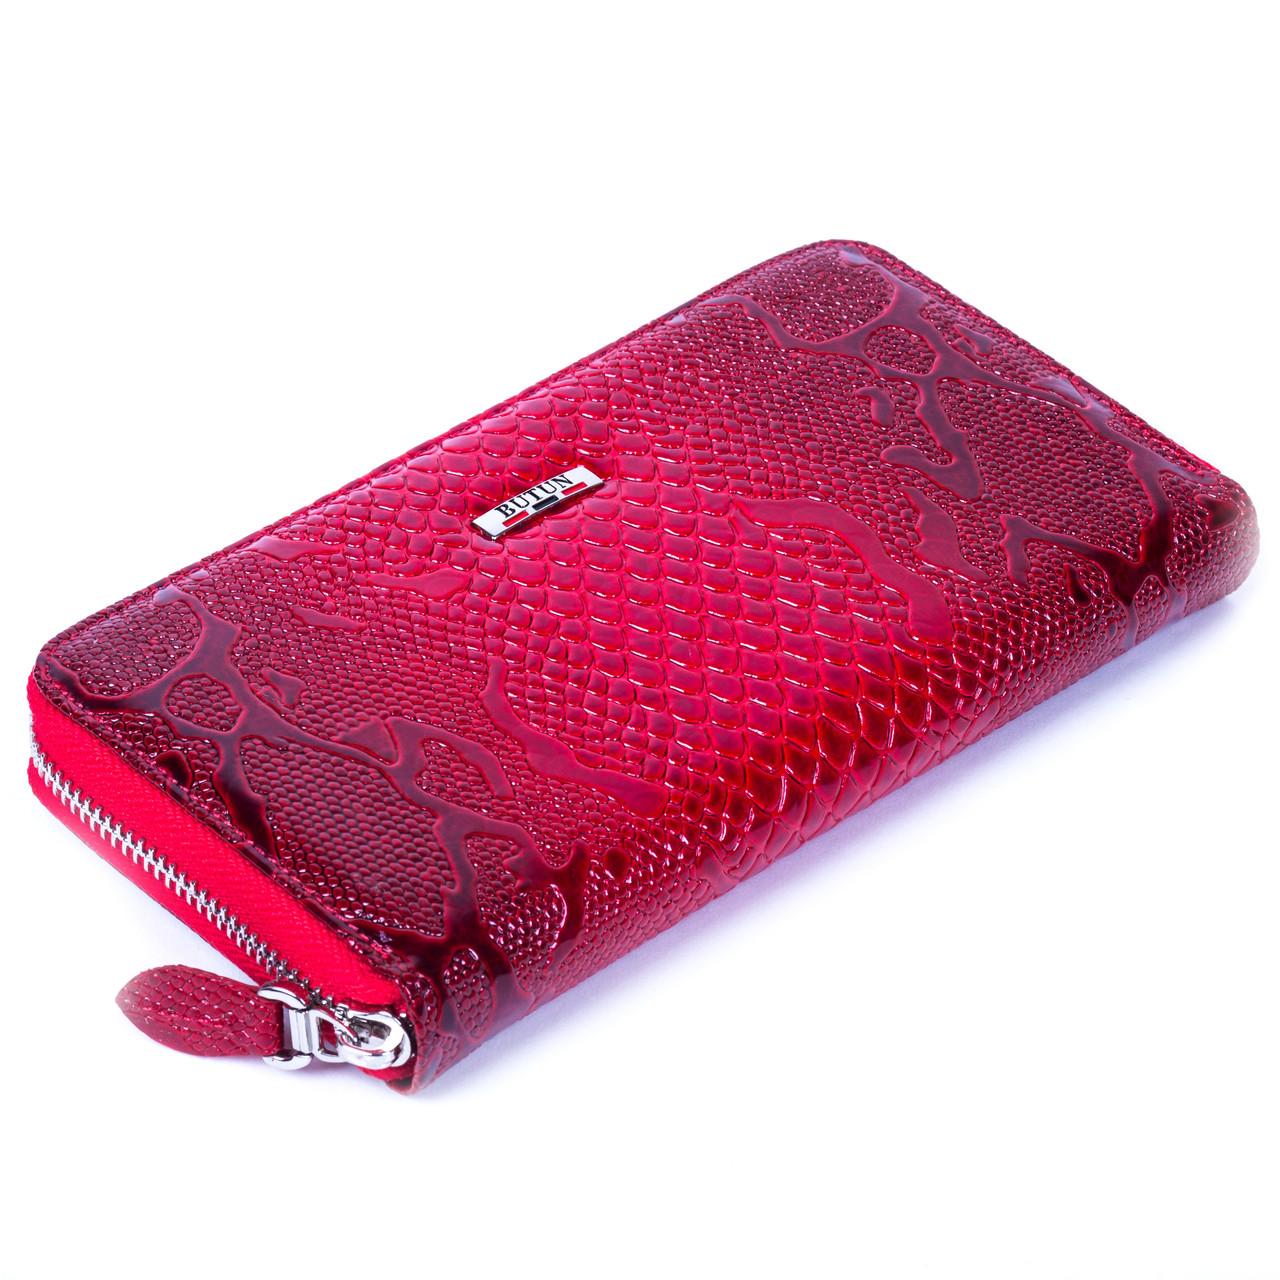 Женский кошелек Butun 639-008-006 кожаный красный